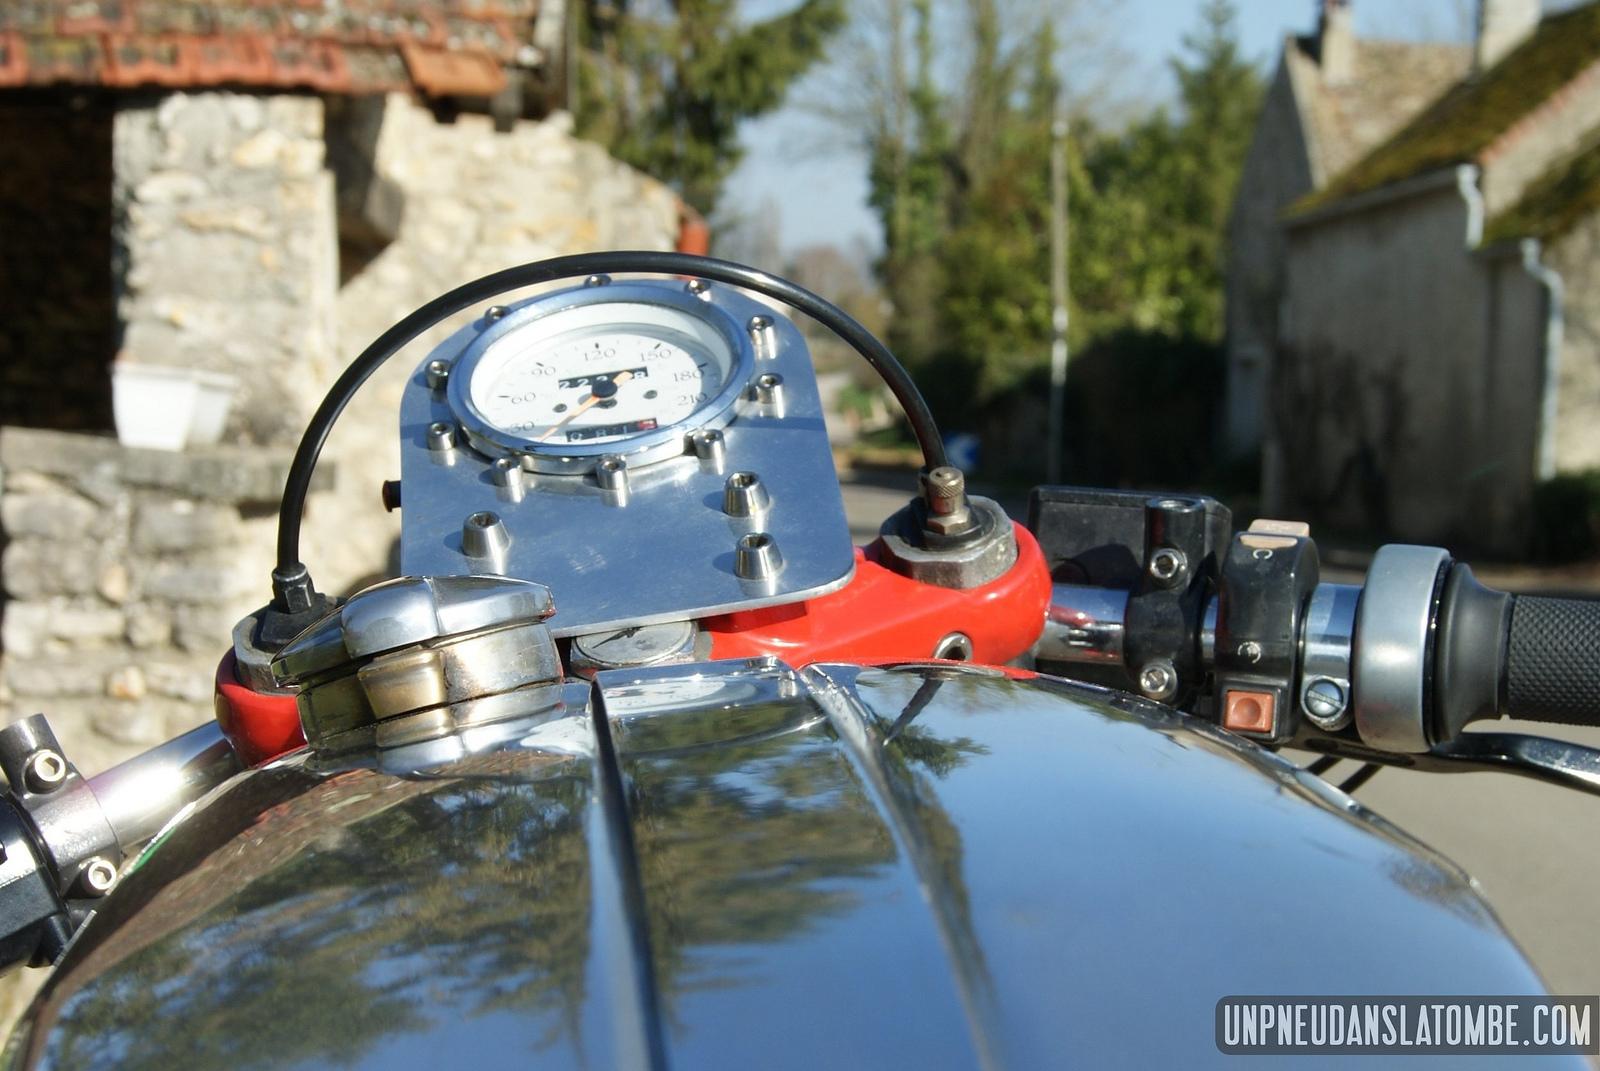 Olivier's Moto Guzzi 850 T3 Is a Fiery Twin - autoevolution